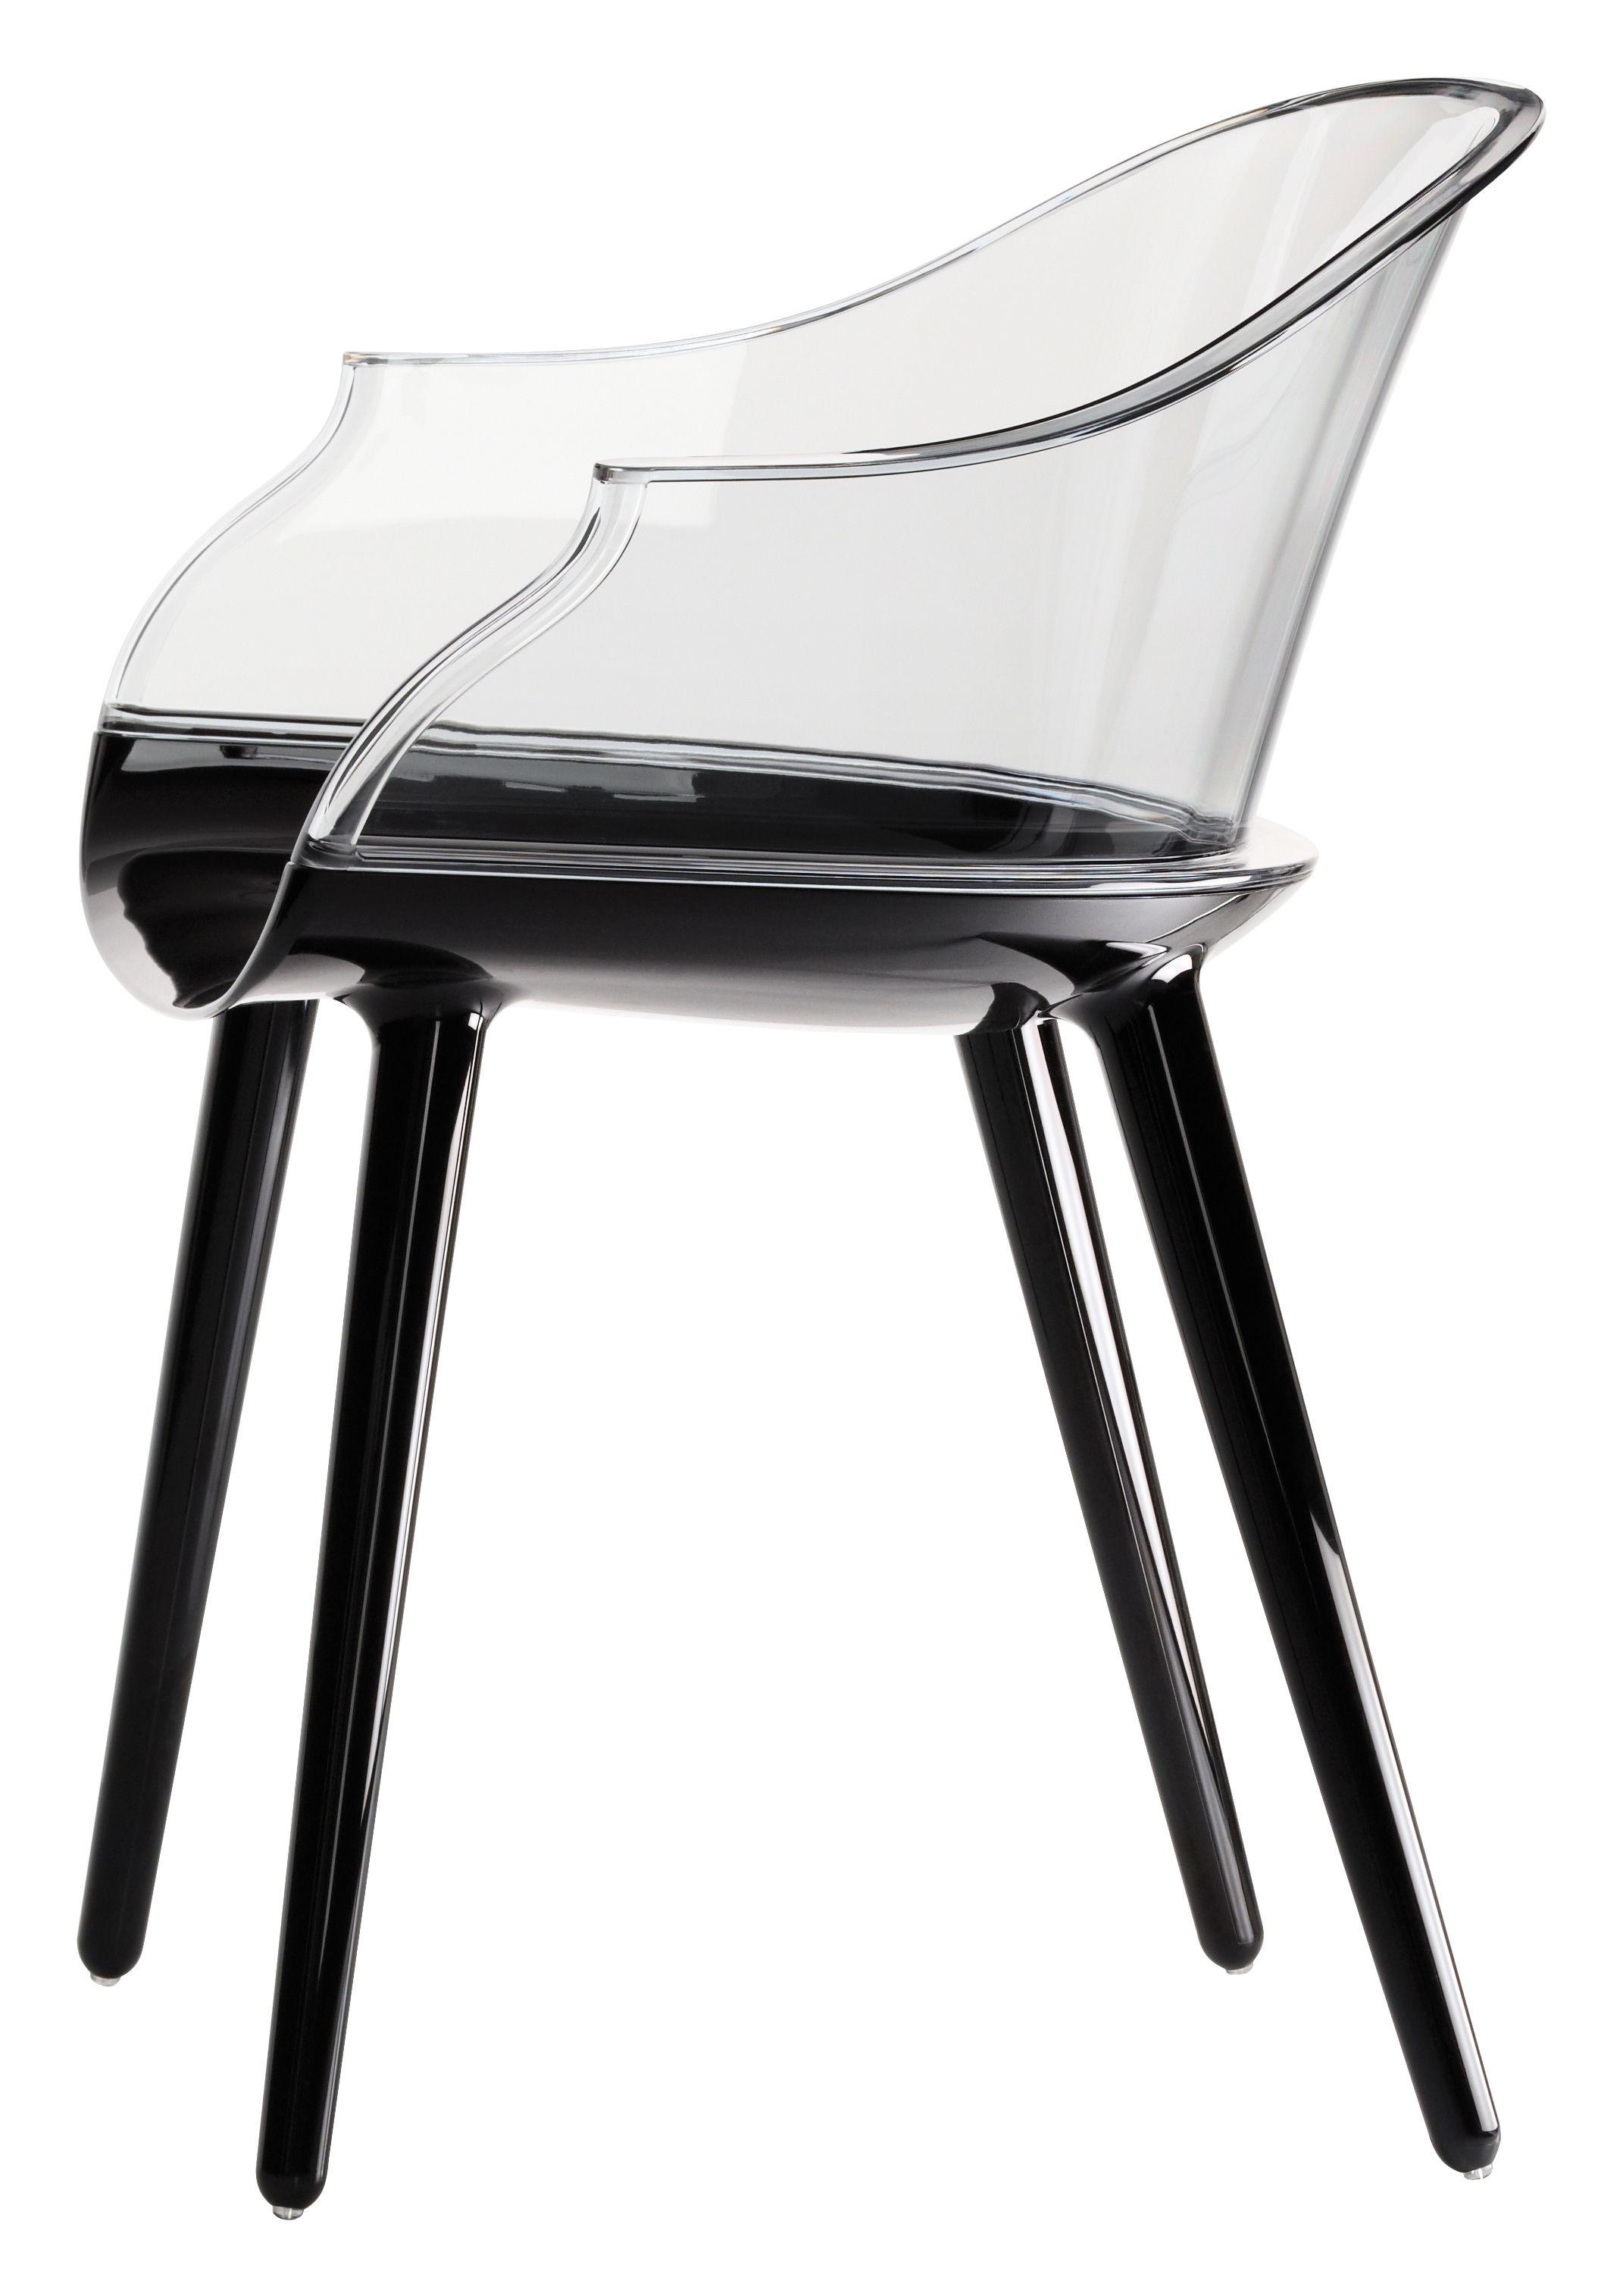 fauteuil cyborg polycarbonate dossier transparent dossier cristal transparent pieds. Black Bedroom Furniture Sets. Home Design Ideas